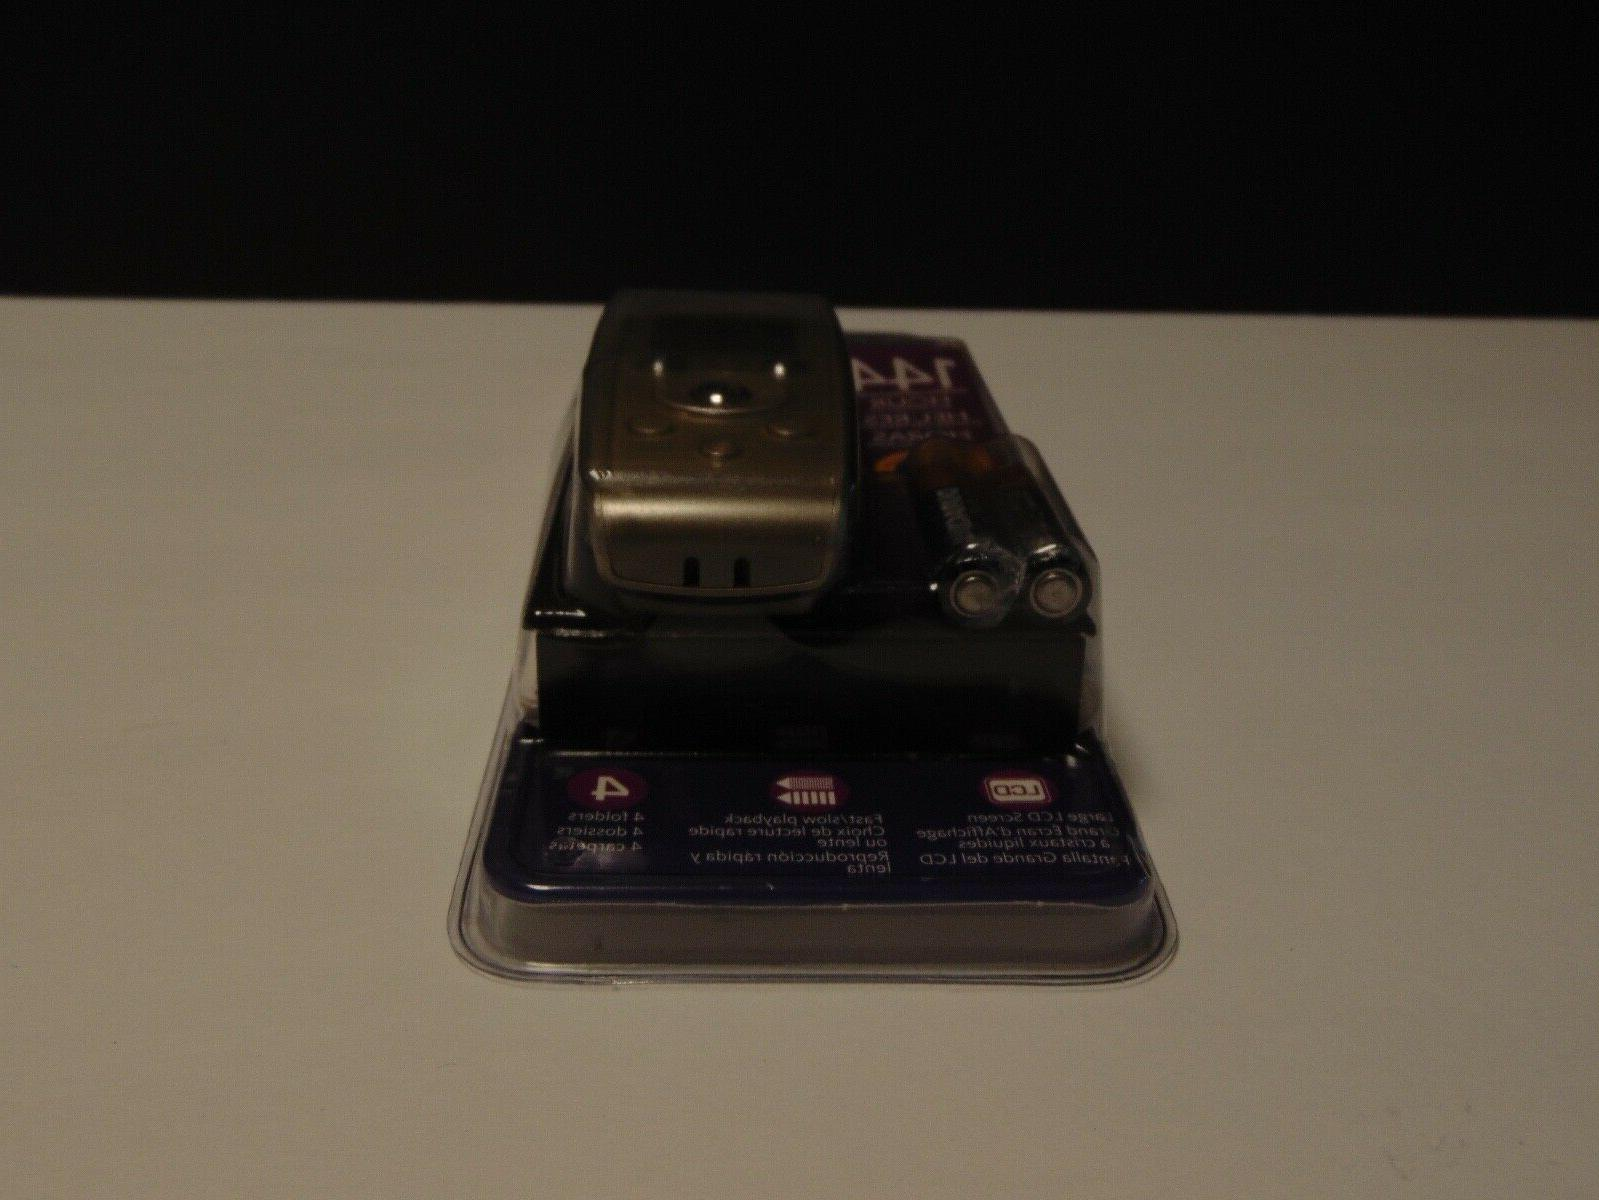 Digital Audio Olympus VN-4100 playbk